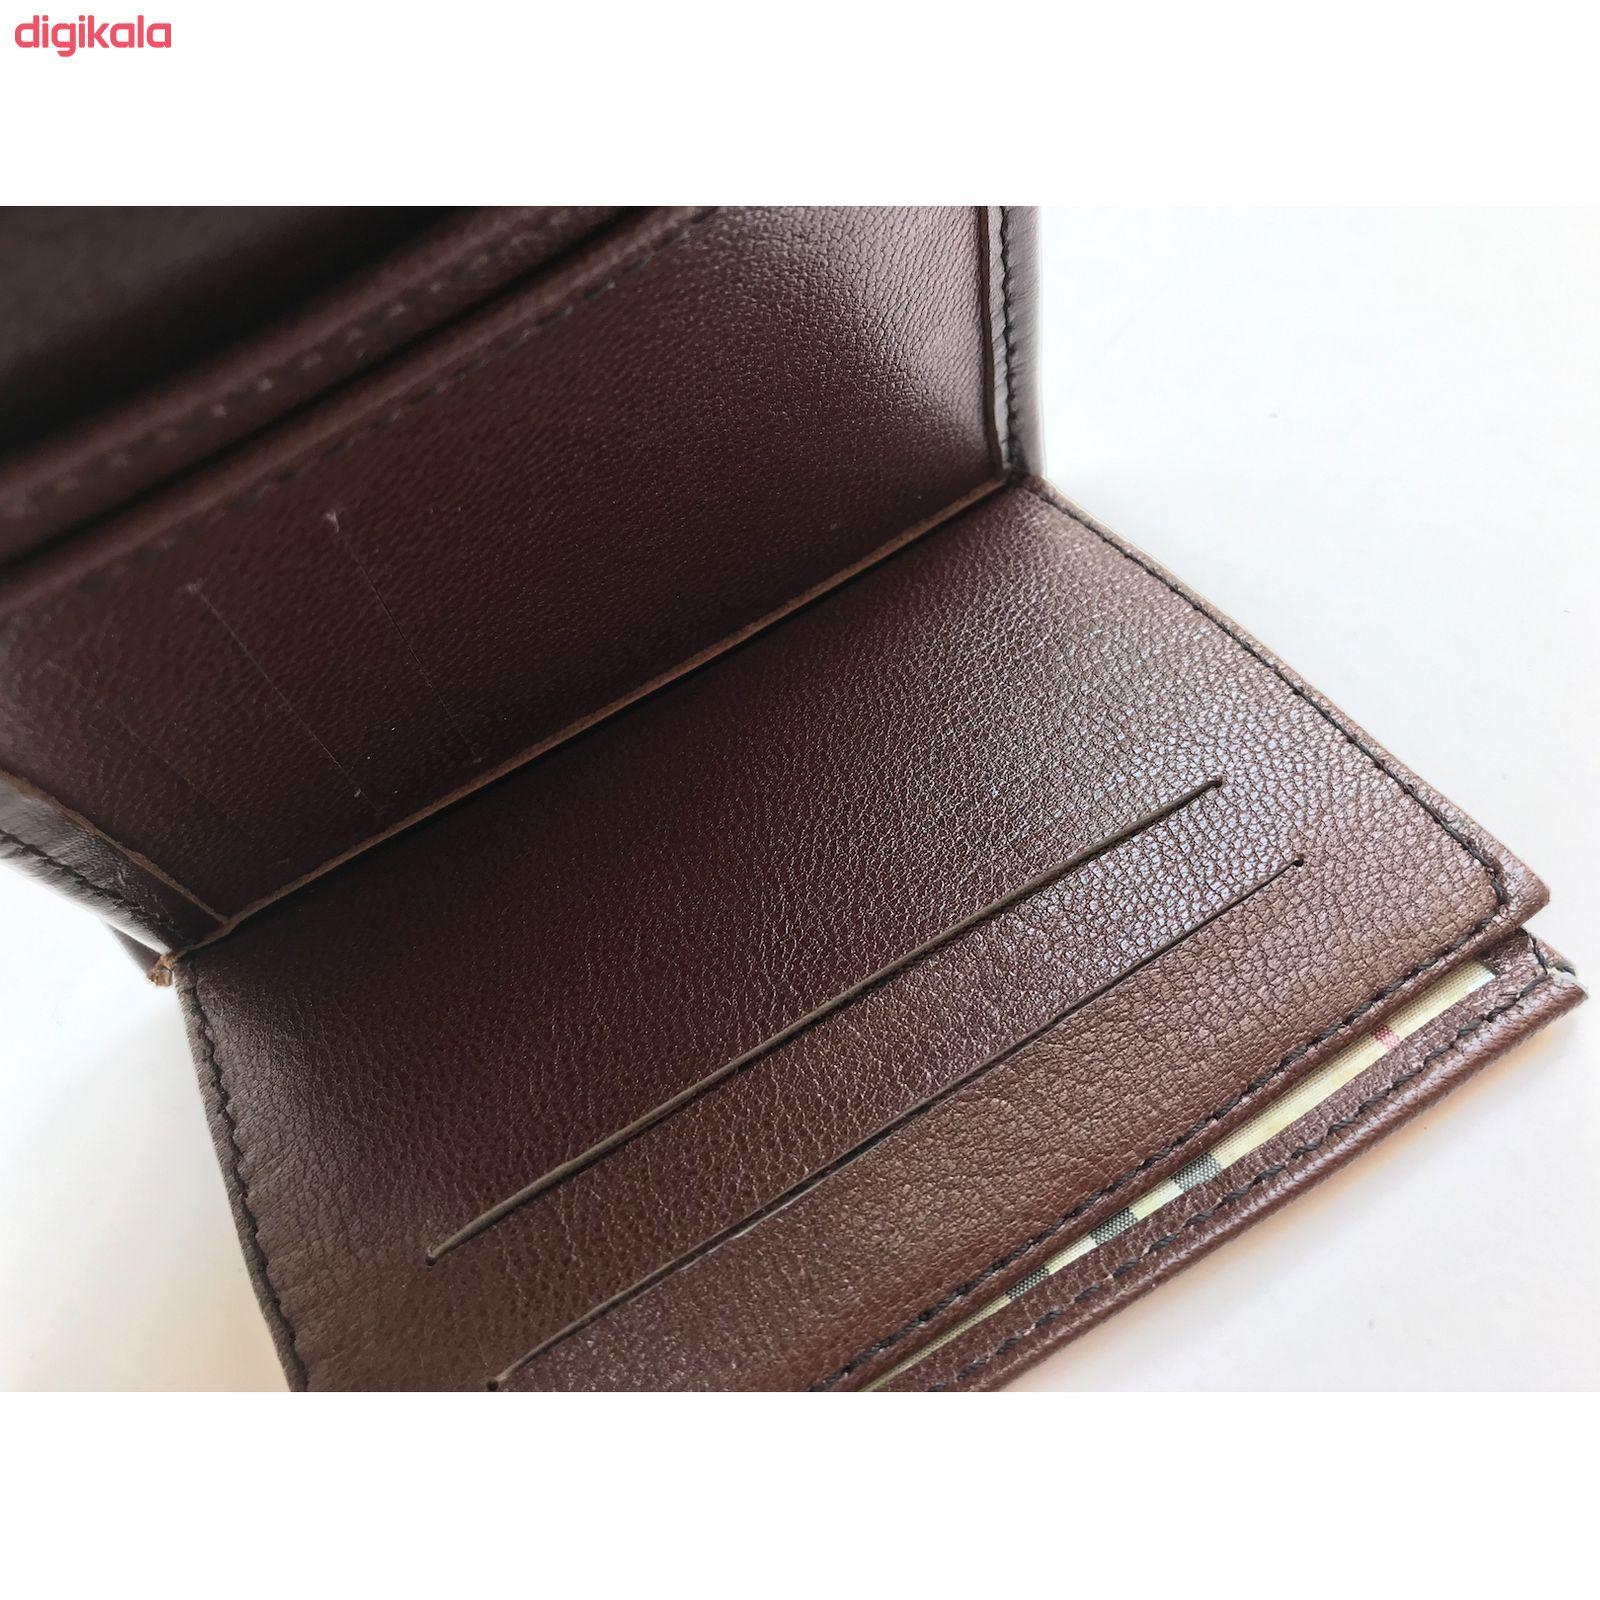 کیف پول مردانه مدل BH02 main 1 6